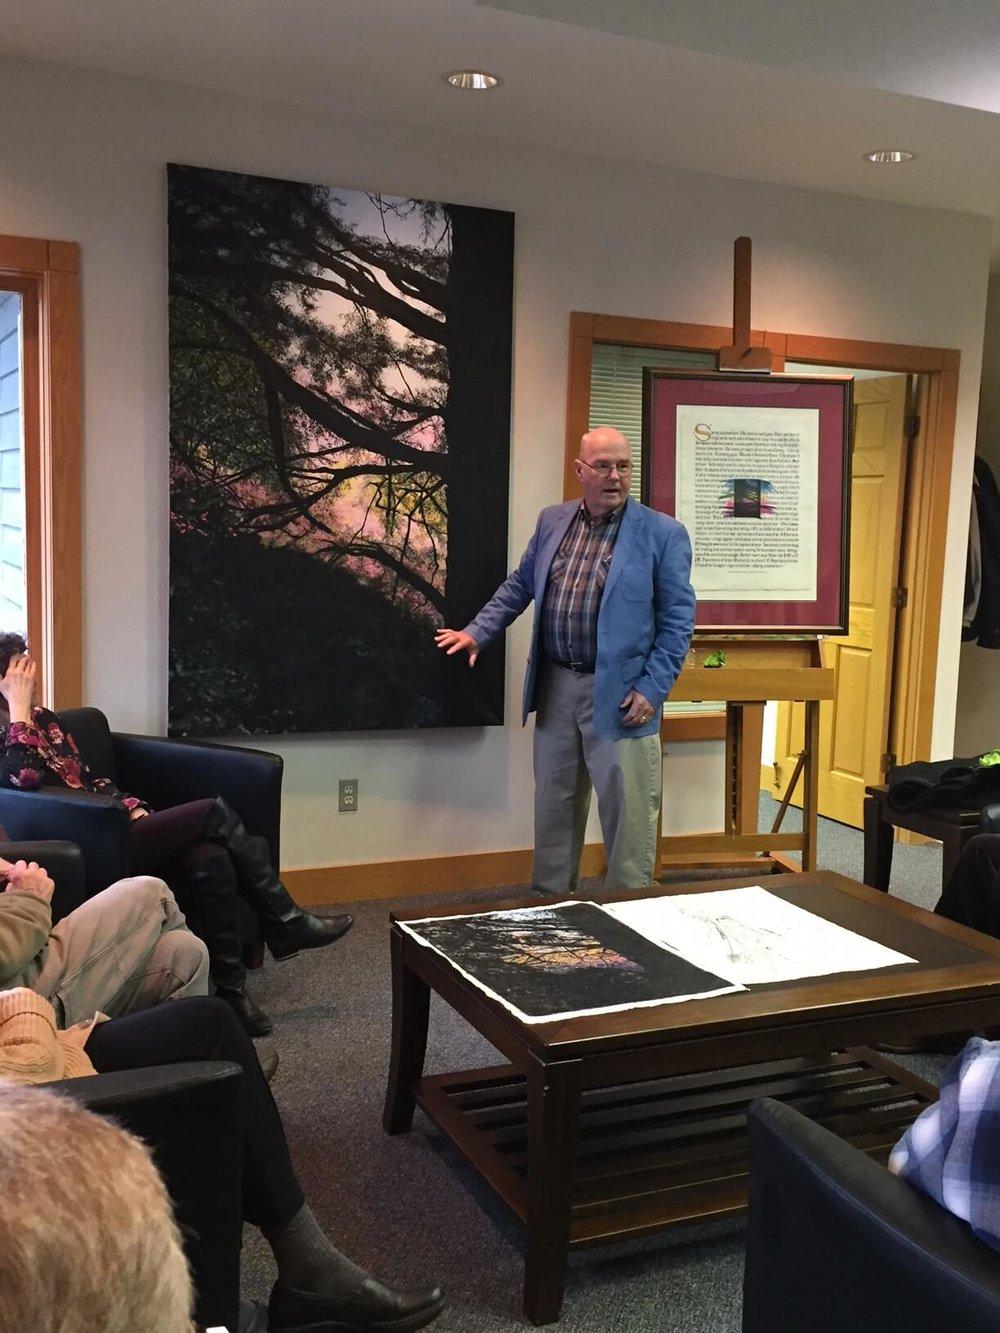 WIAA - Meet The Artist - Steve Lynch